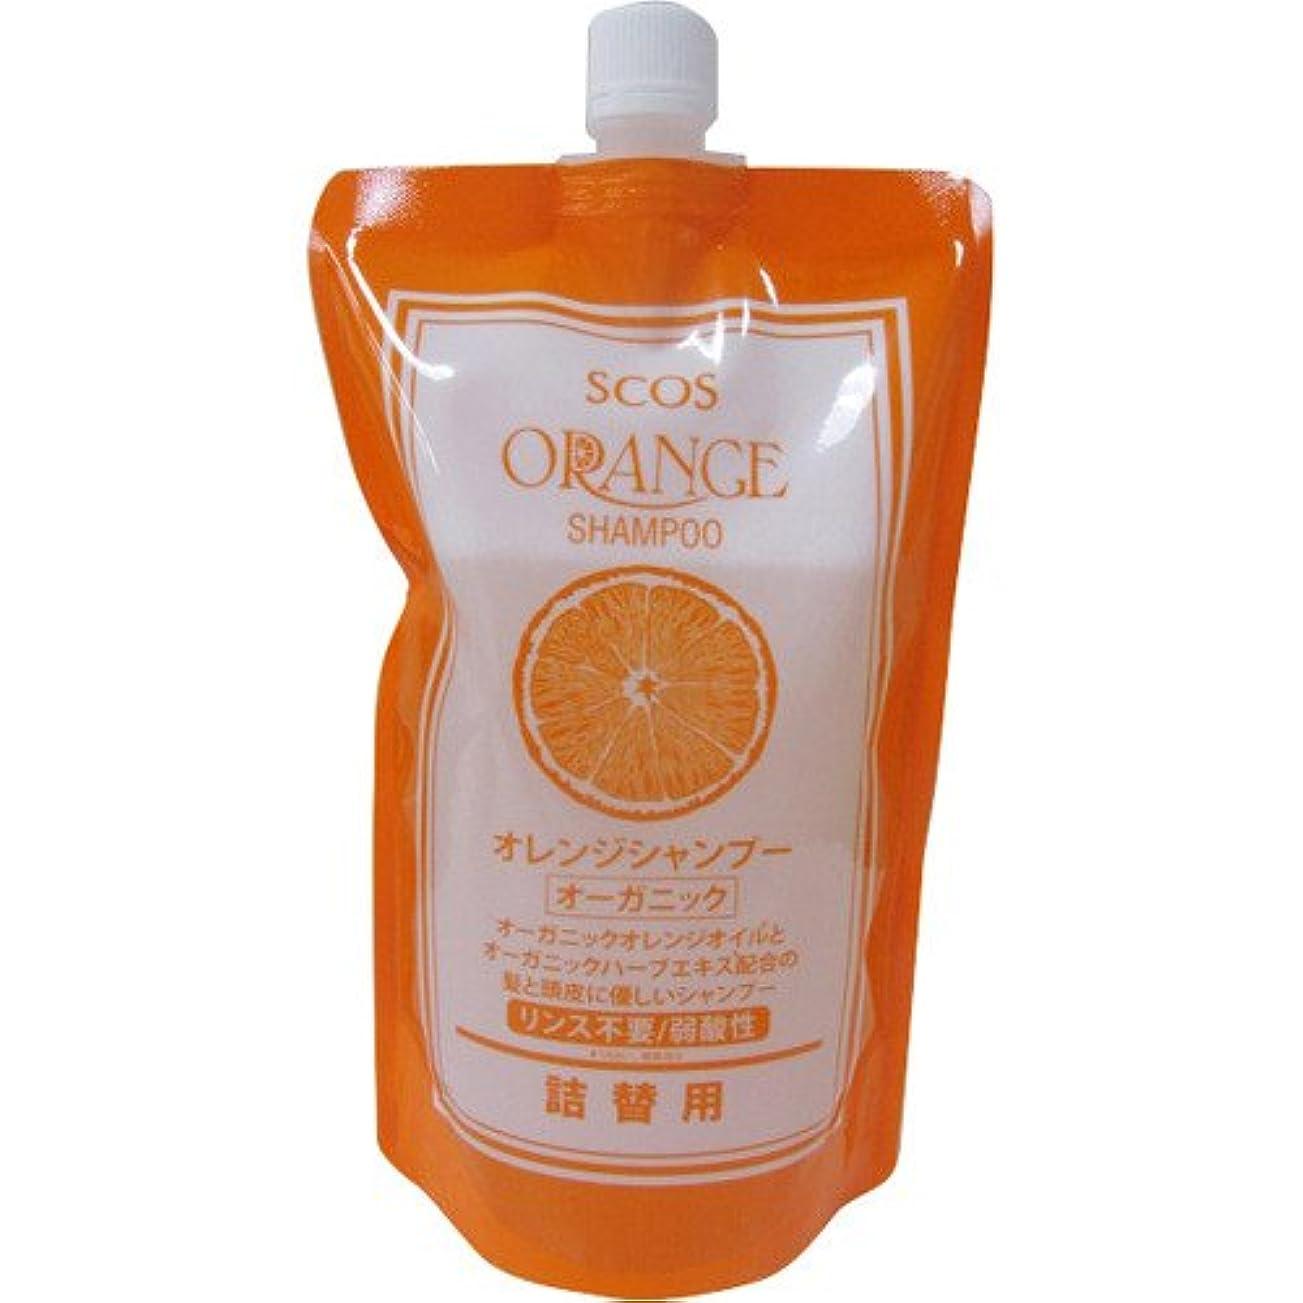 はい変色するダウンエスコス オレンジシャンプーオーガニック 詰替用 700ml